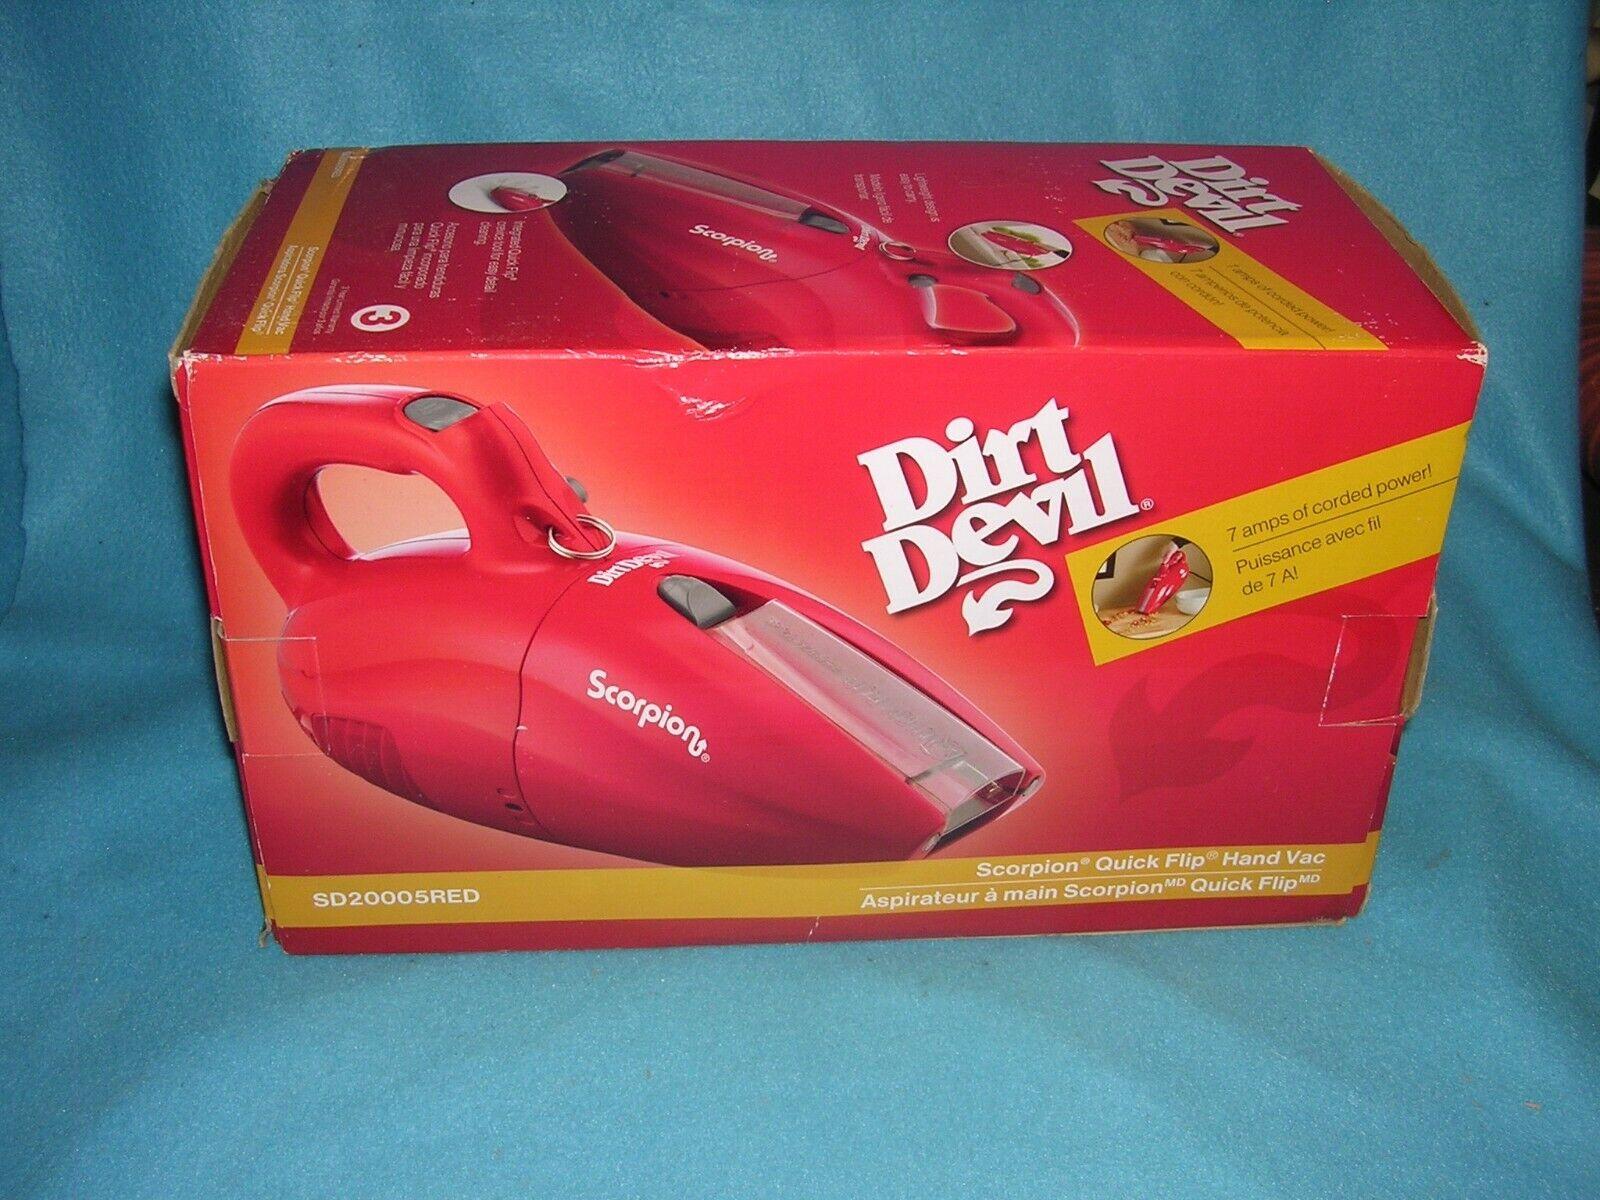 handheld scorpion quick flip vacuum cleaner red